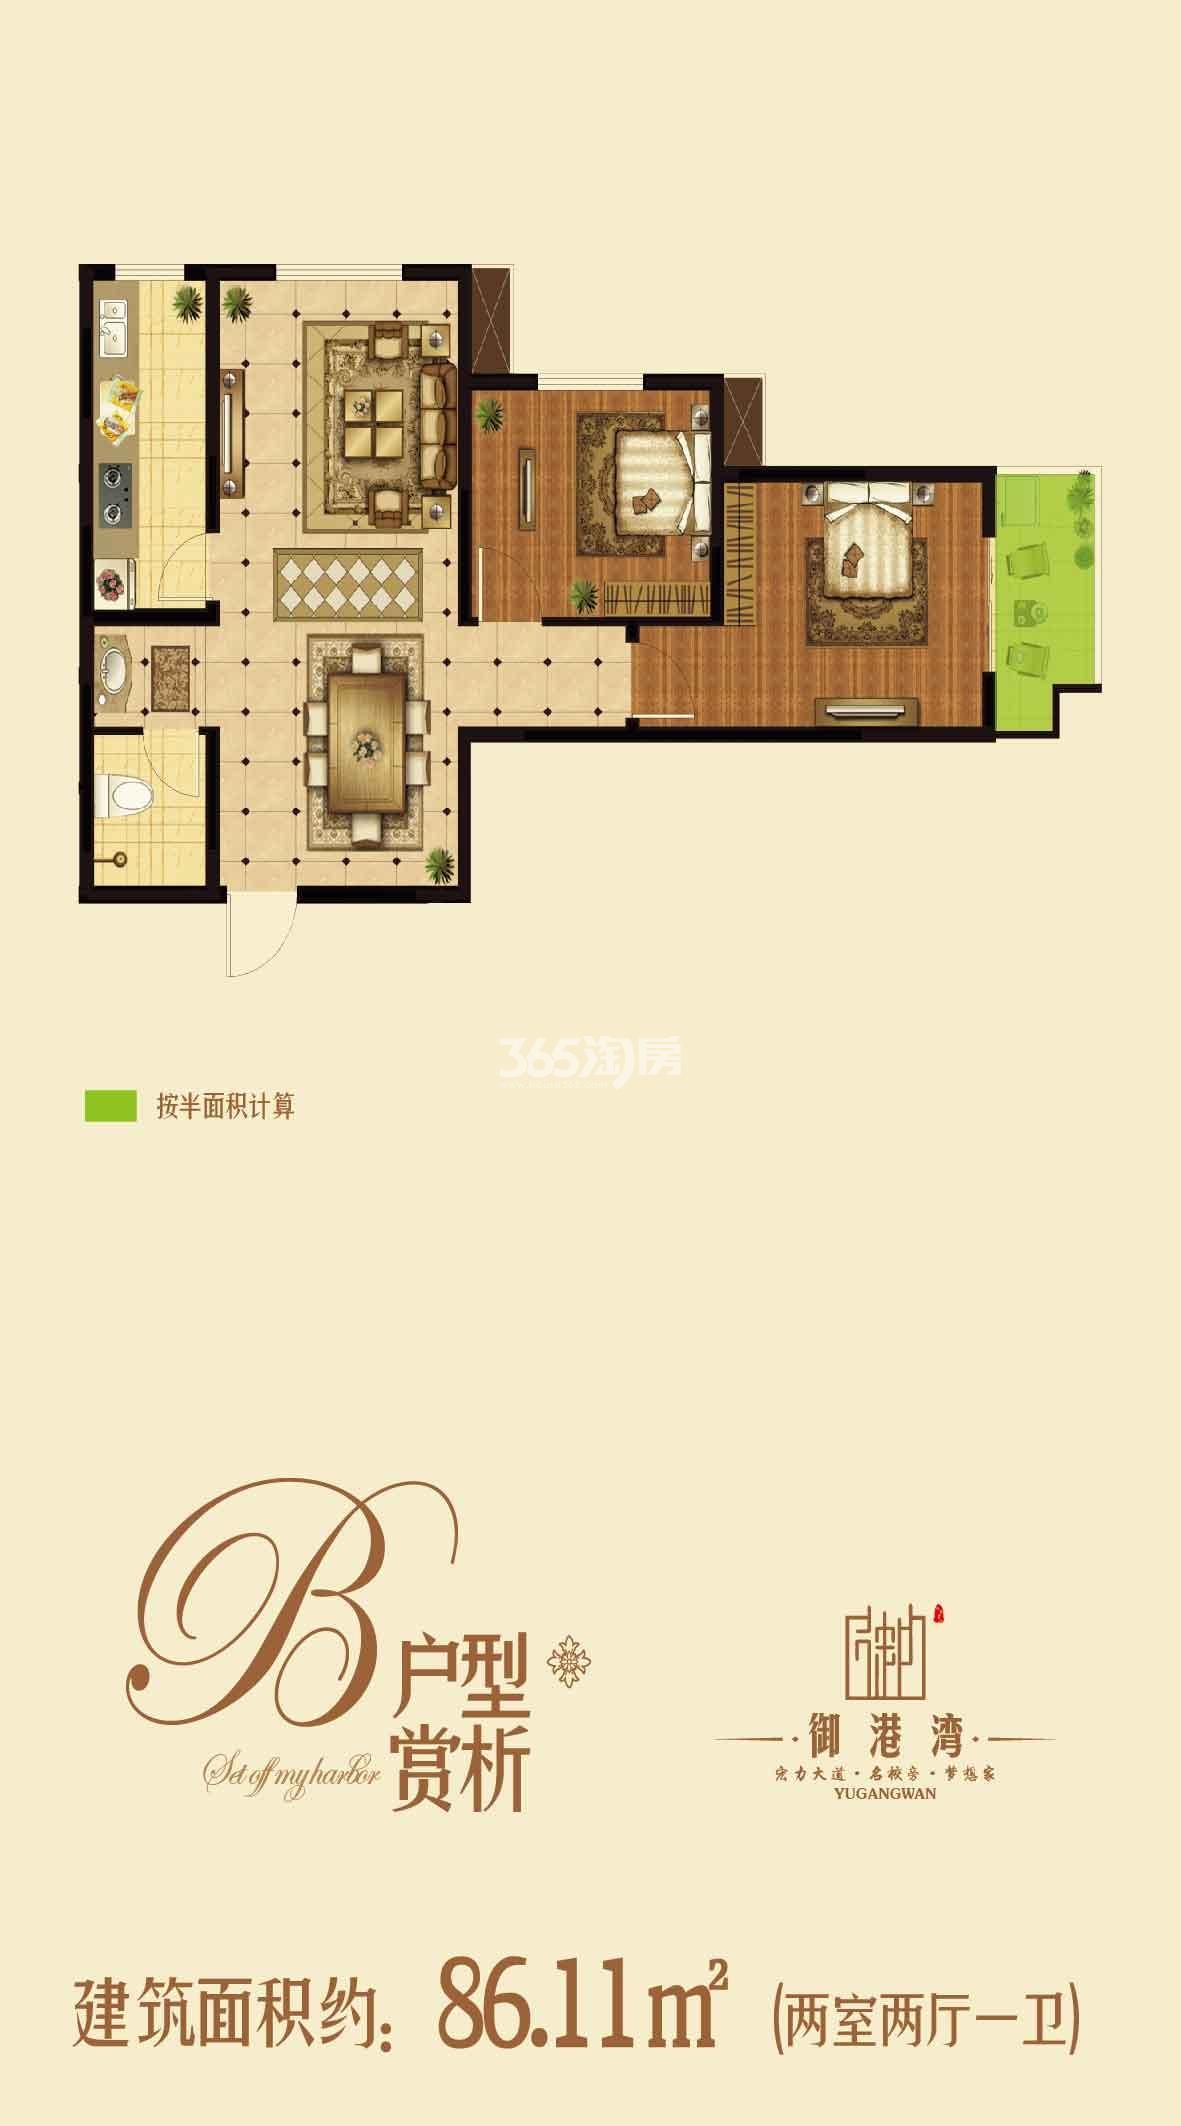 86.11㎡两室两厅一卫